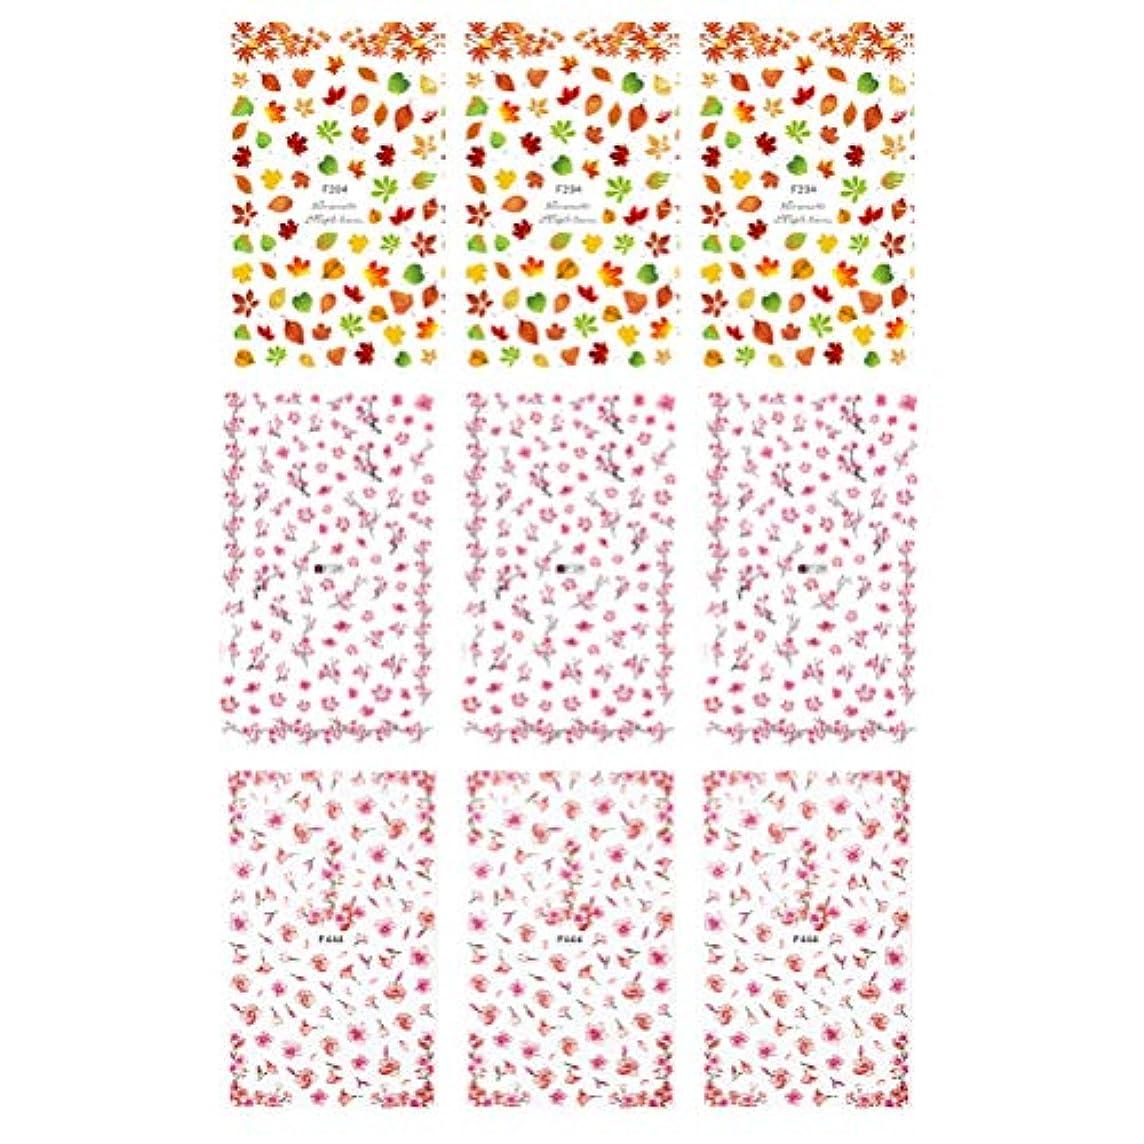 柱疎外不道徳Frcolor ネイルシール 花 3D ネイルステッカー 水彩風 ネイルホイル ももの花 桜 ネイルアートシール 爪に貼るだけ マニキュア 3種類 9枚セット